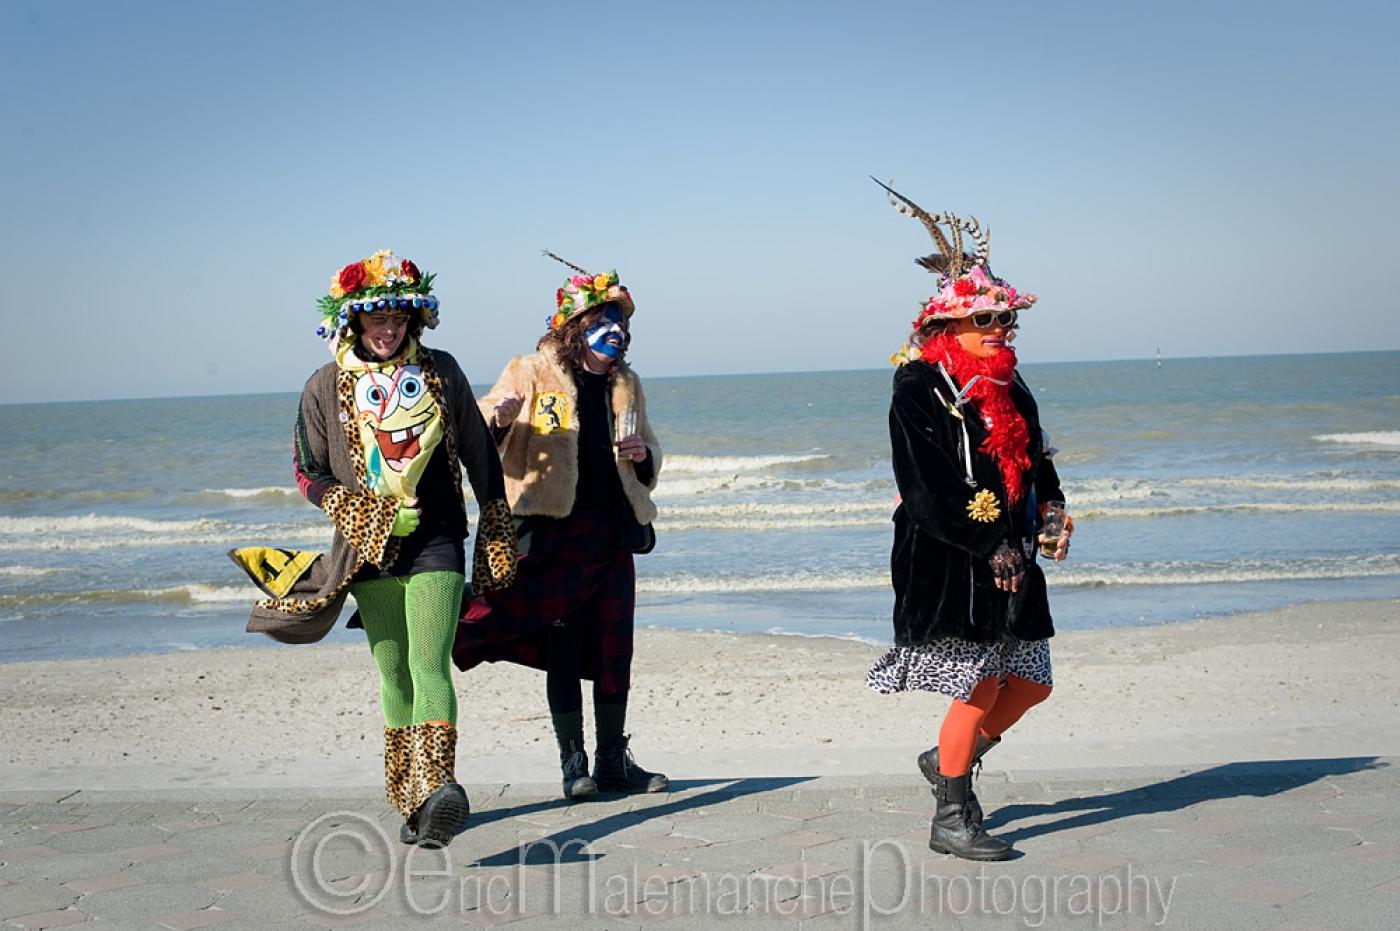 https://www.ericmalemanche.com/imagess/topics/carnaval-de-dunkerque/liste/Carnaval-Dunkerque-1336.jpg